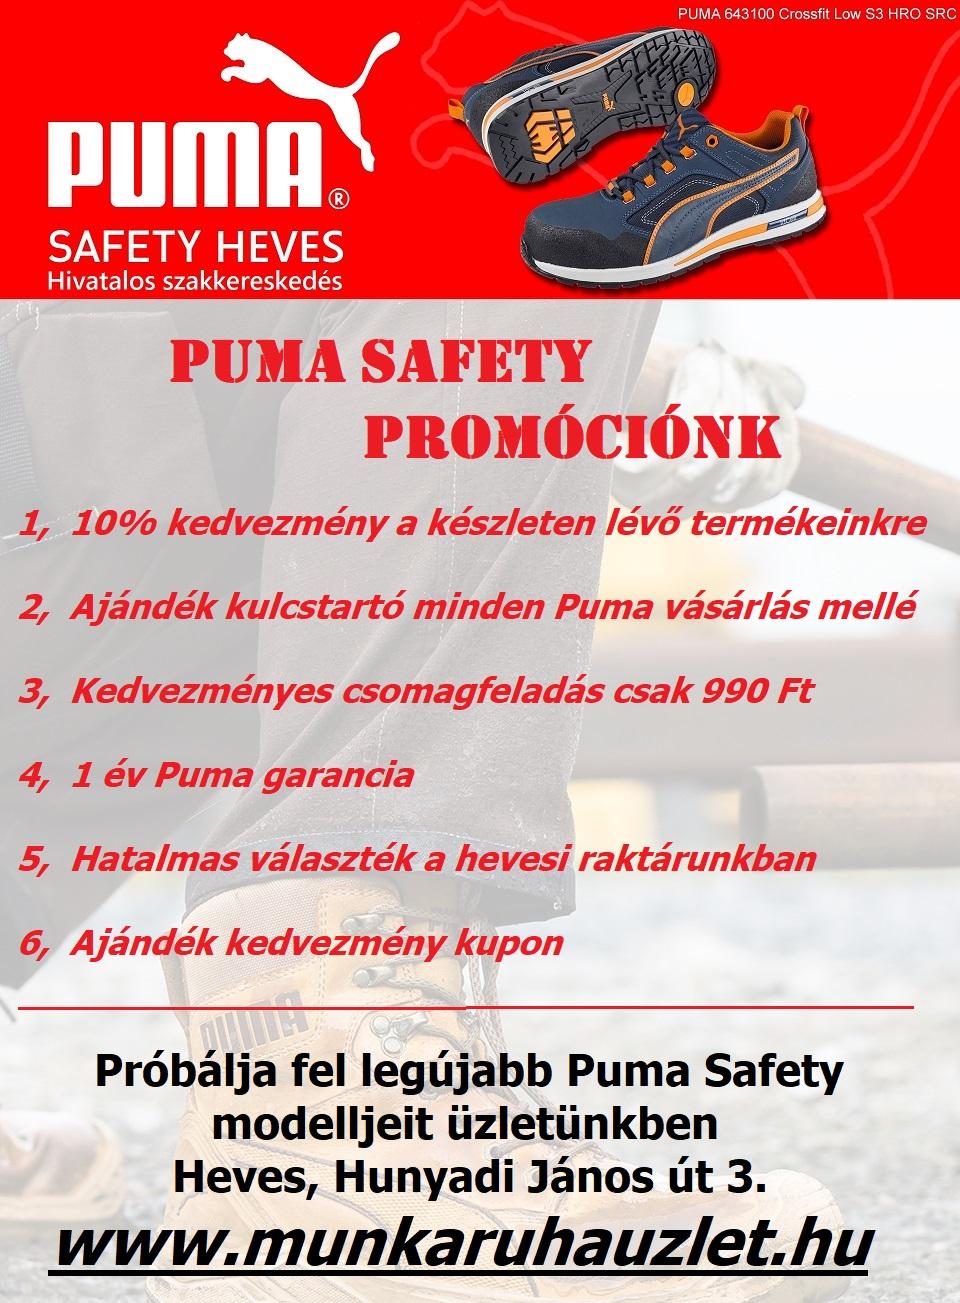 Mérettáblázat Puma lábbelikhez   Munkaruha Webáruház